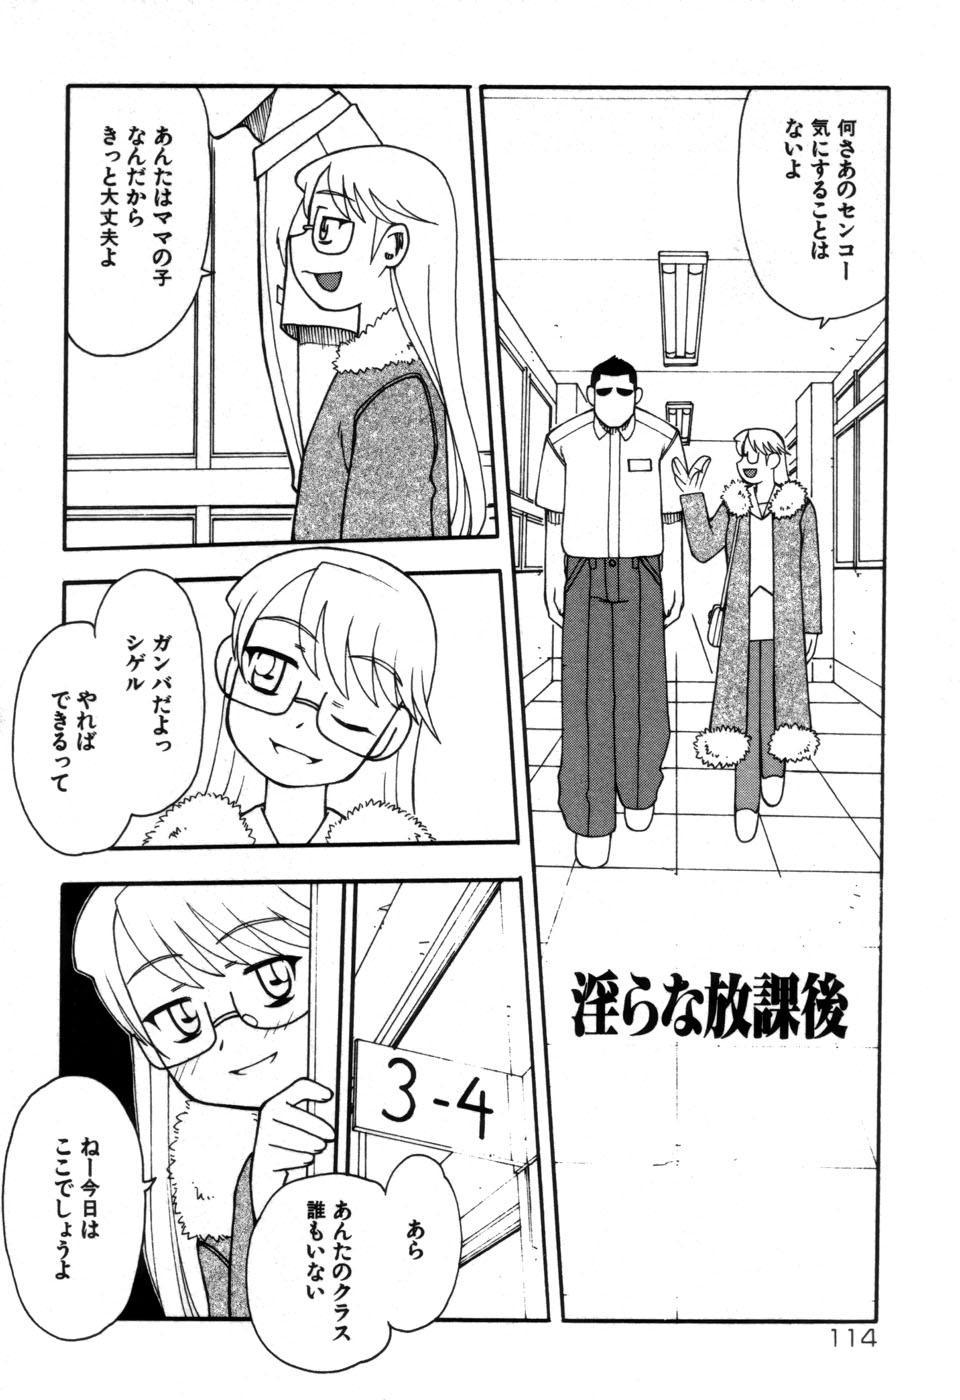 Imouto no Hiasobi 115